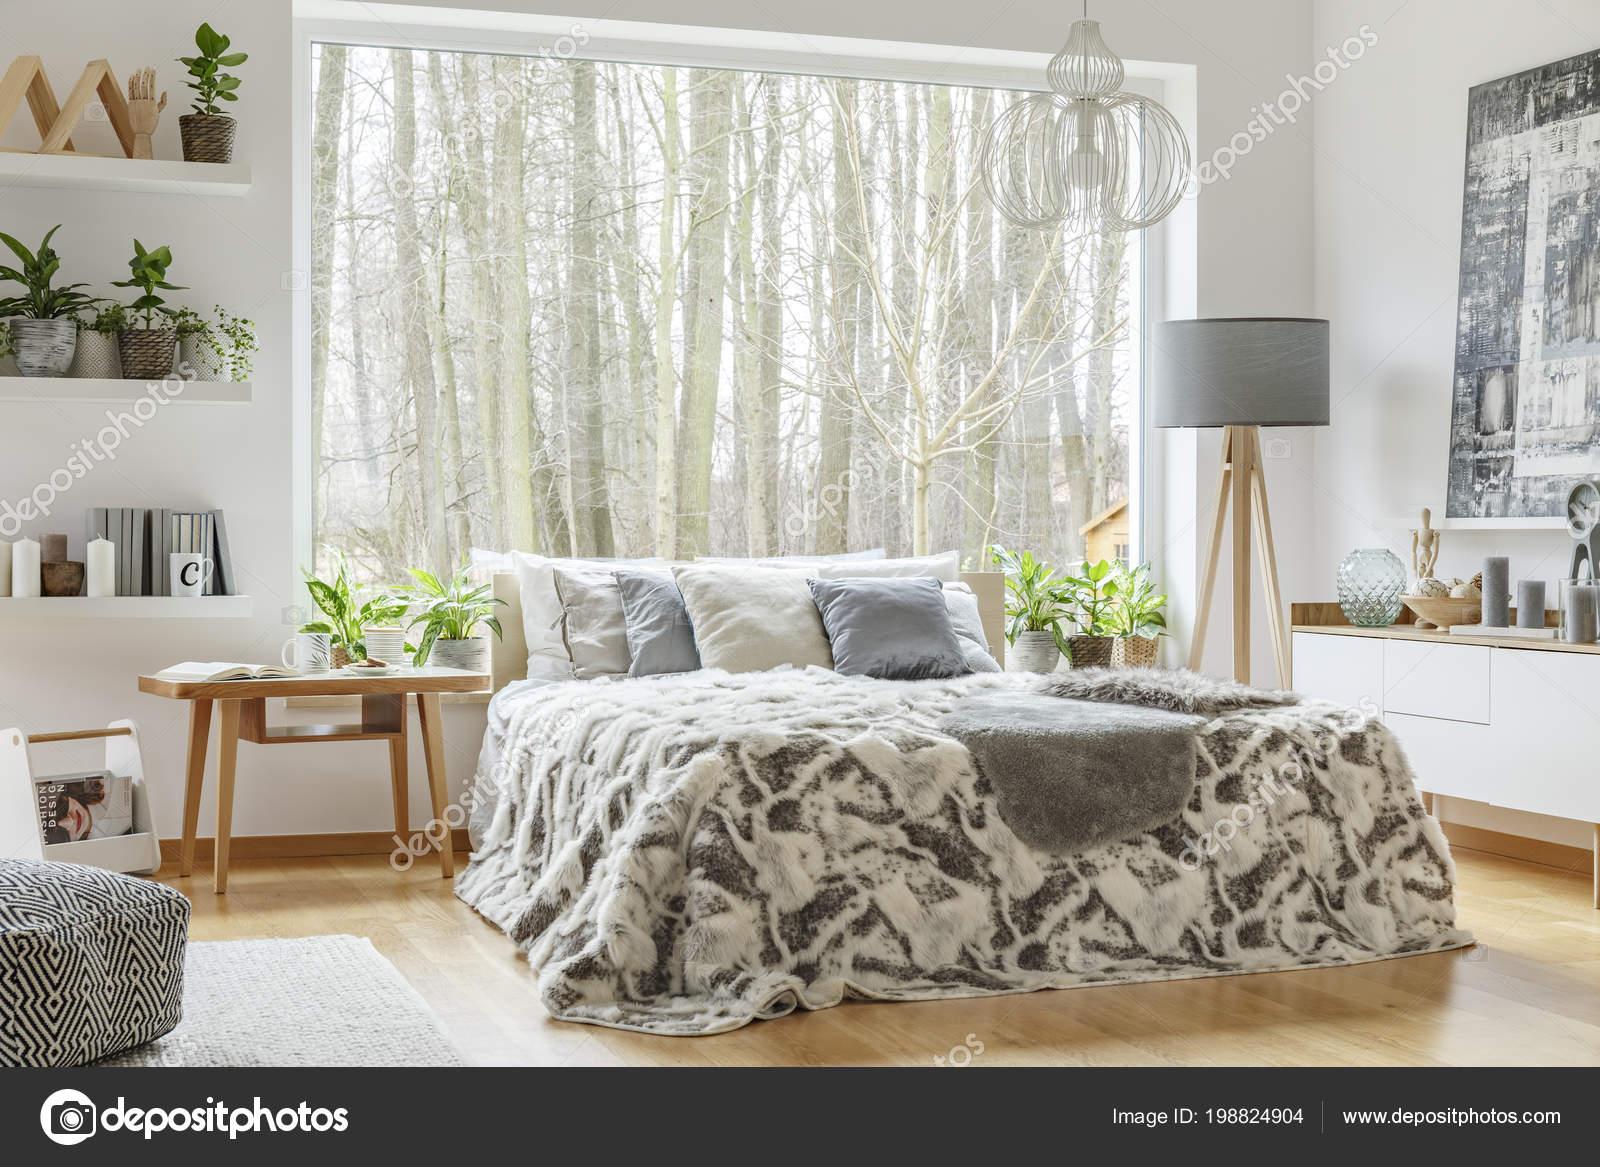 Intérieur Spacieux Confortable Chambre Avec Lit King Size Avec Coussins U2014  Photo